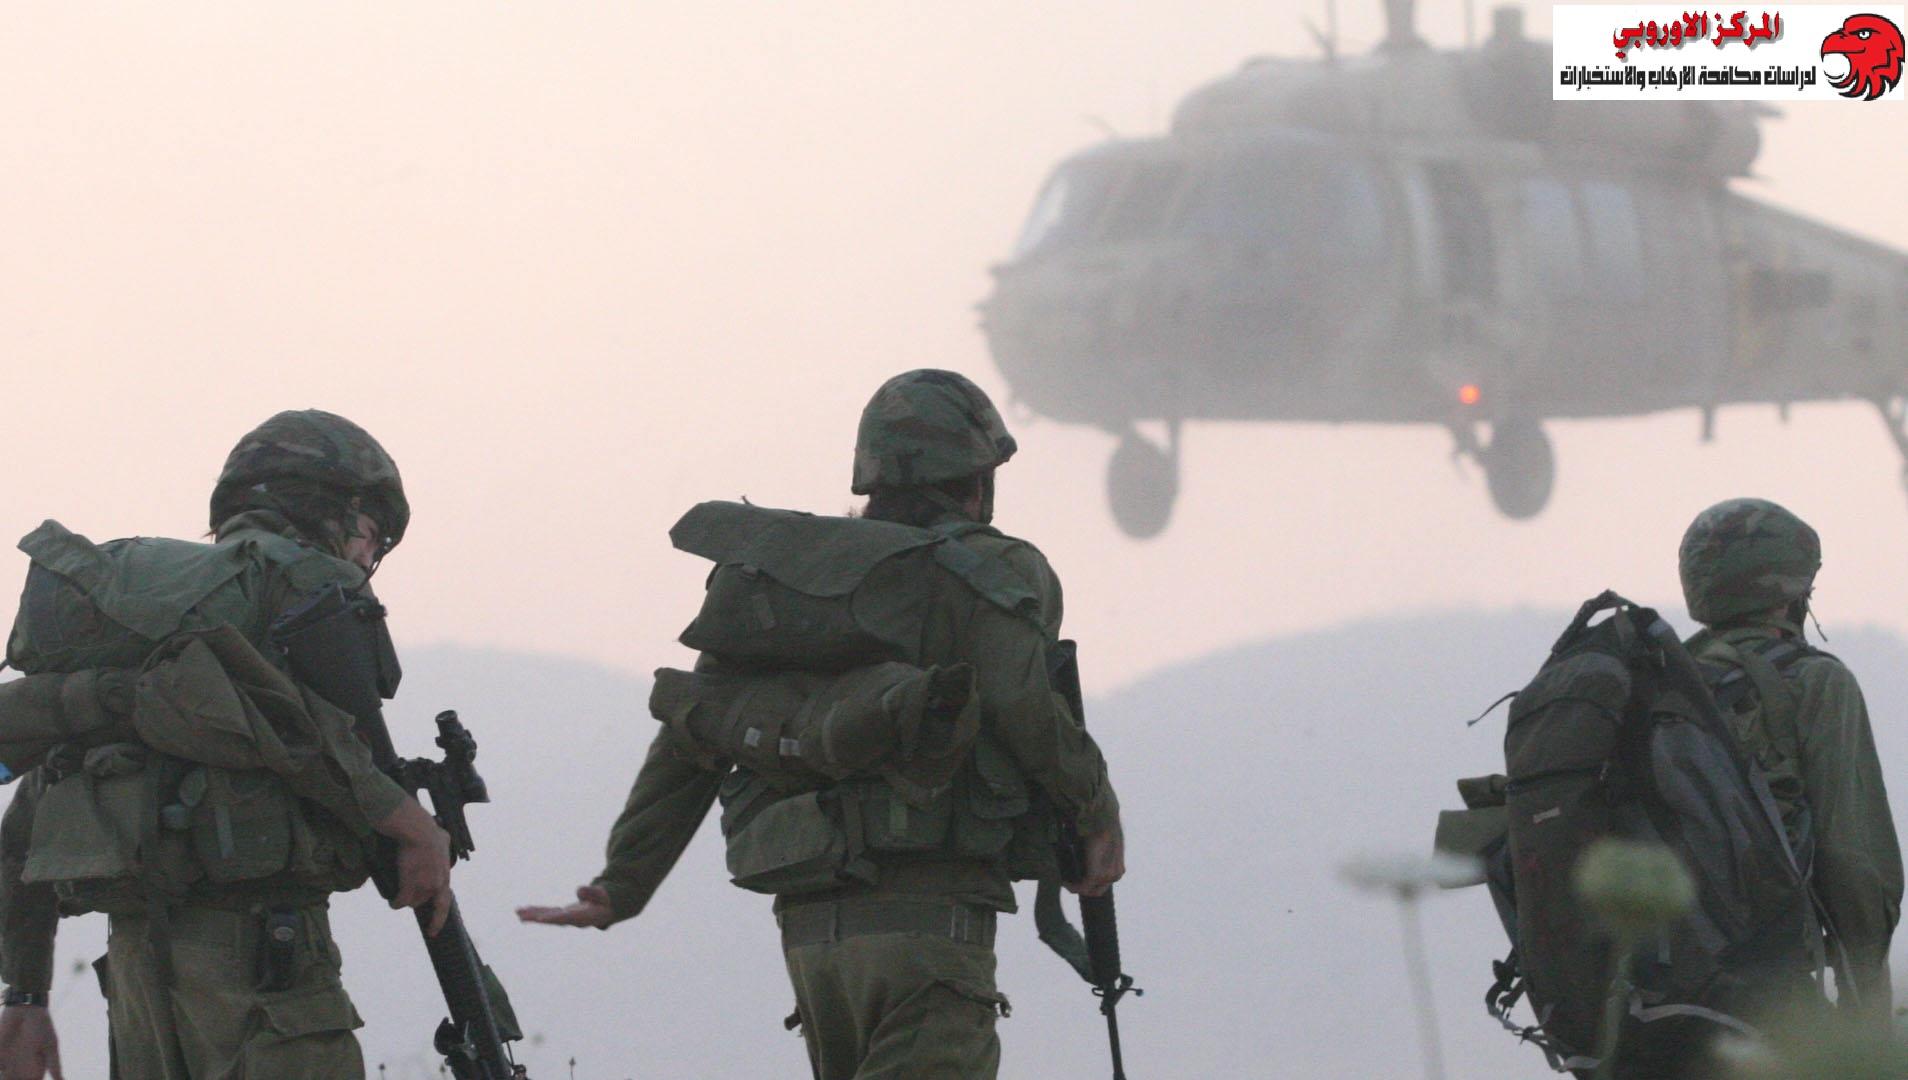 دراسات ما بعد المعركة الحلقة السابعة ـ سيكولوجيا الدفاع